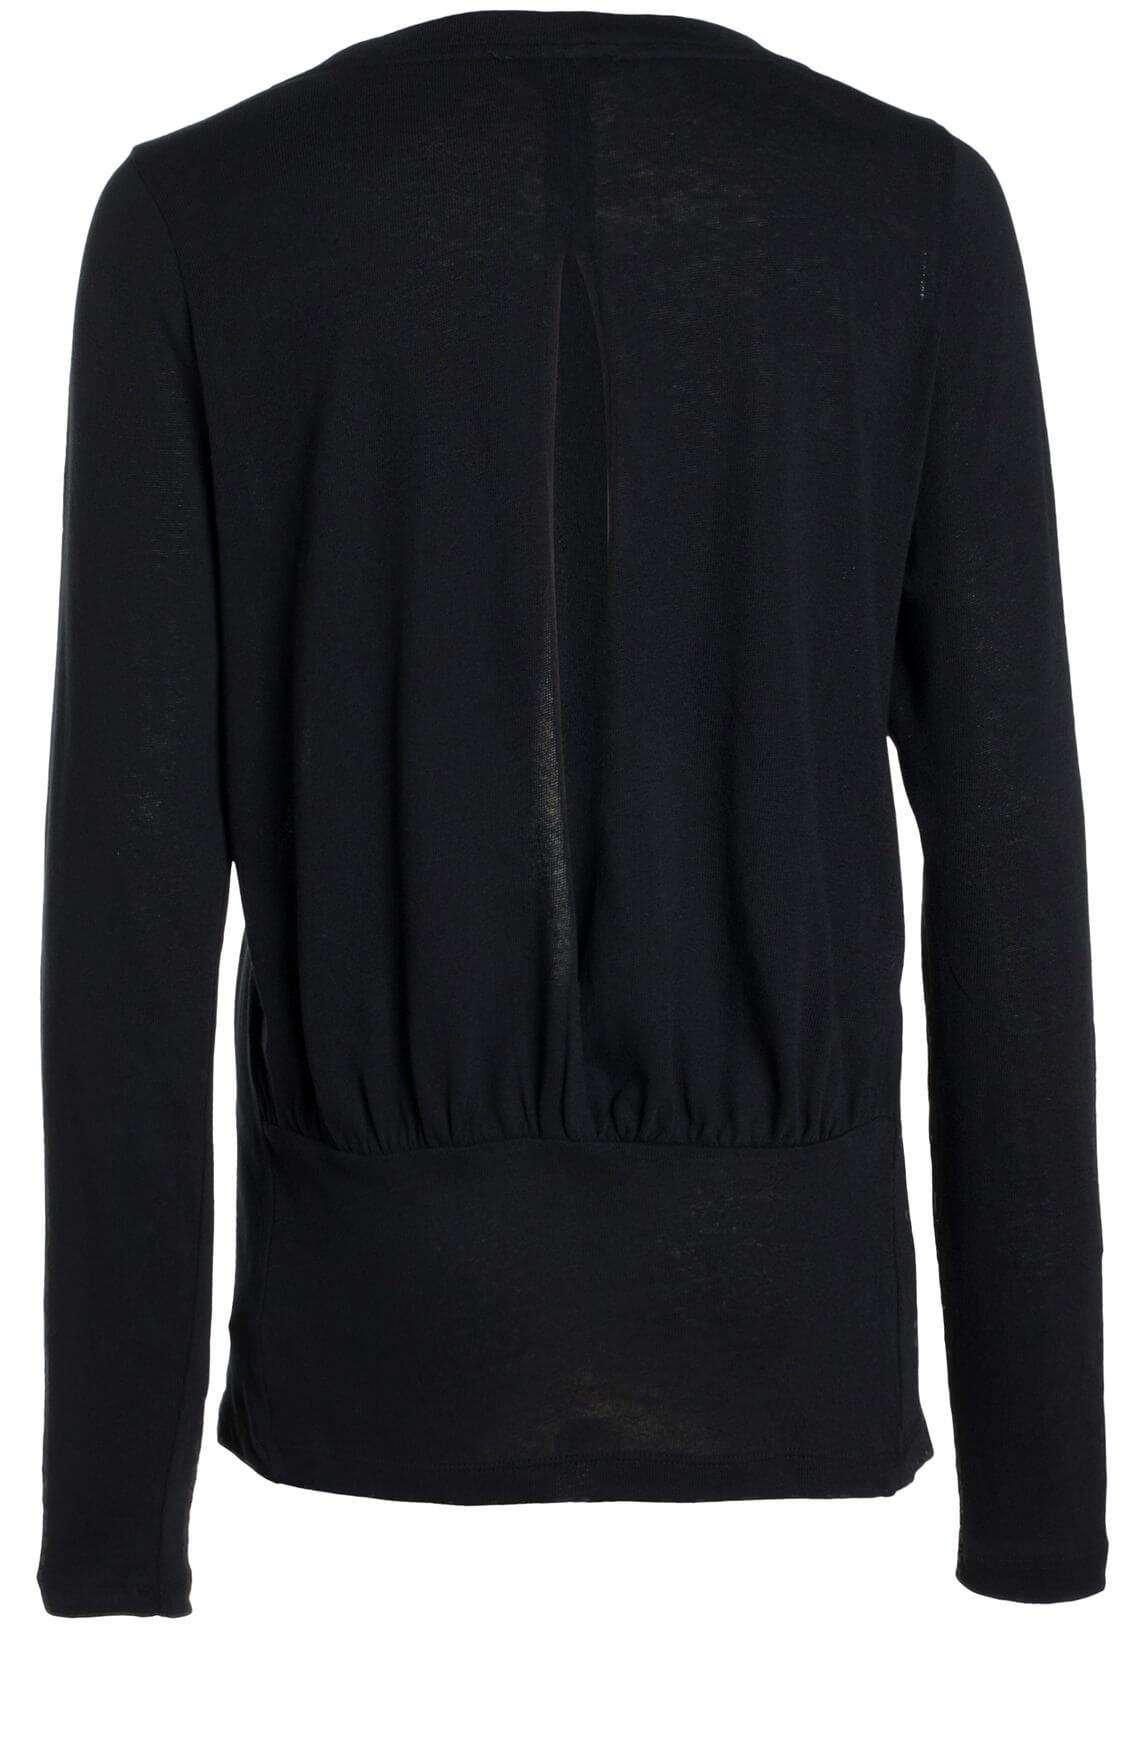 Anna Dames Shirt met cut-out detail zwart